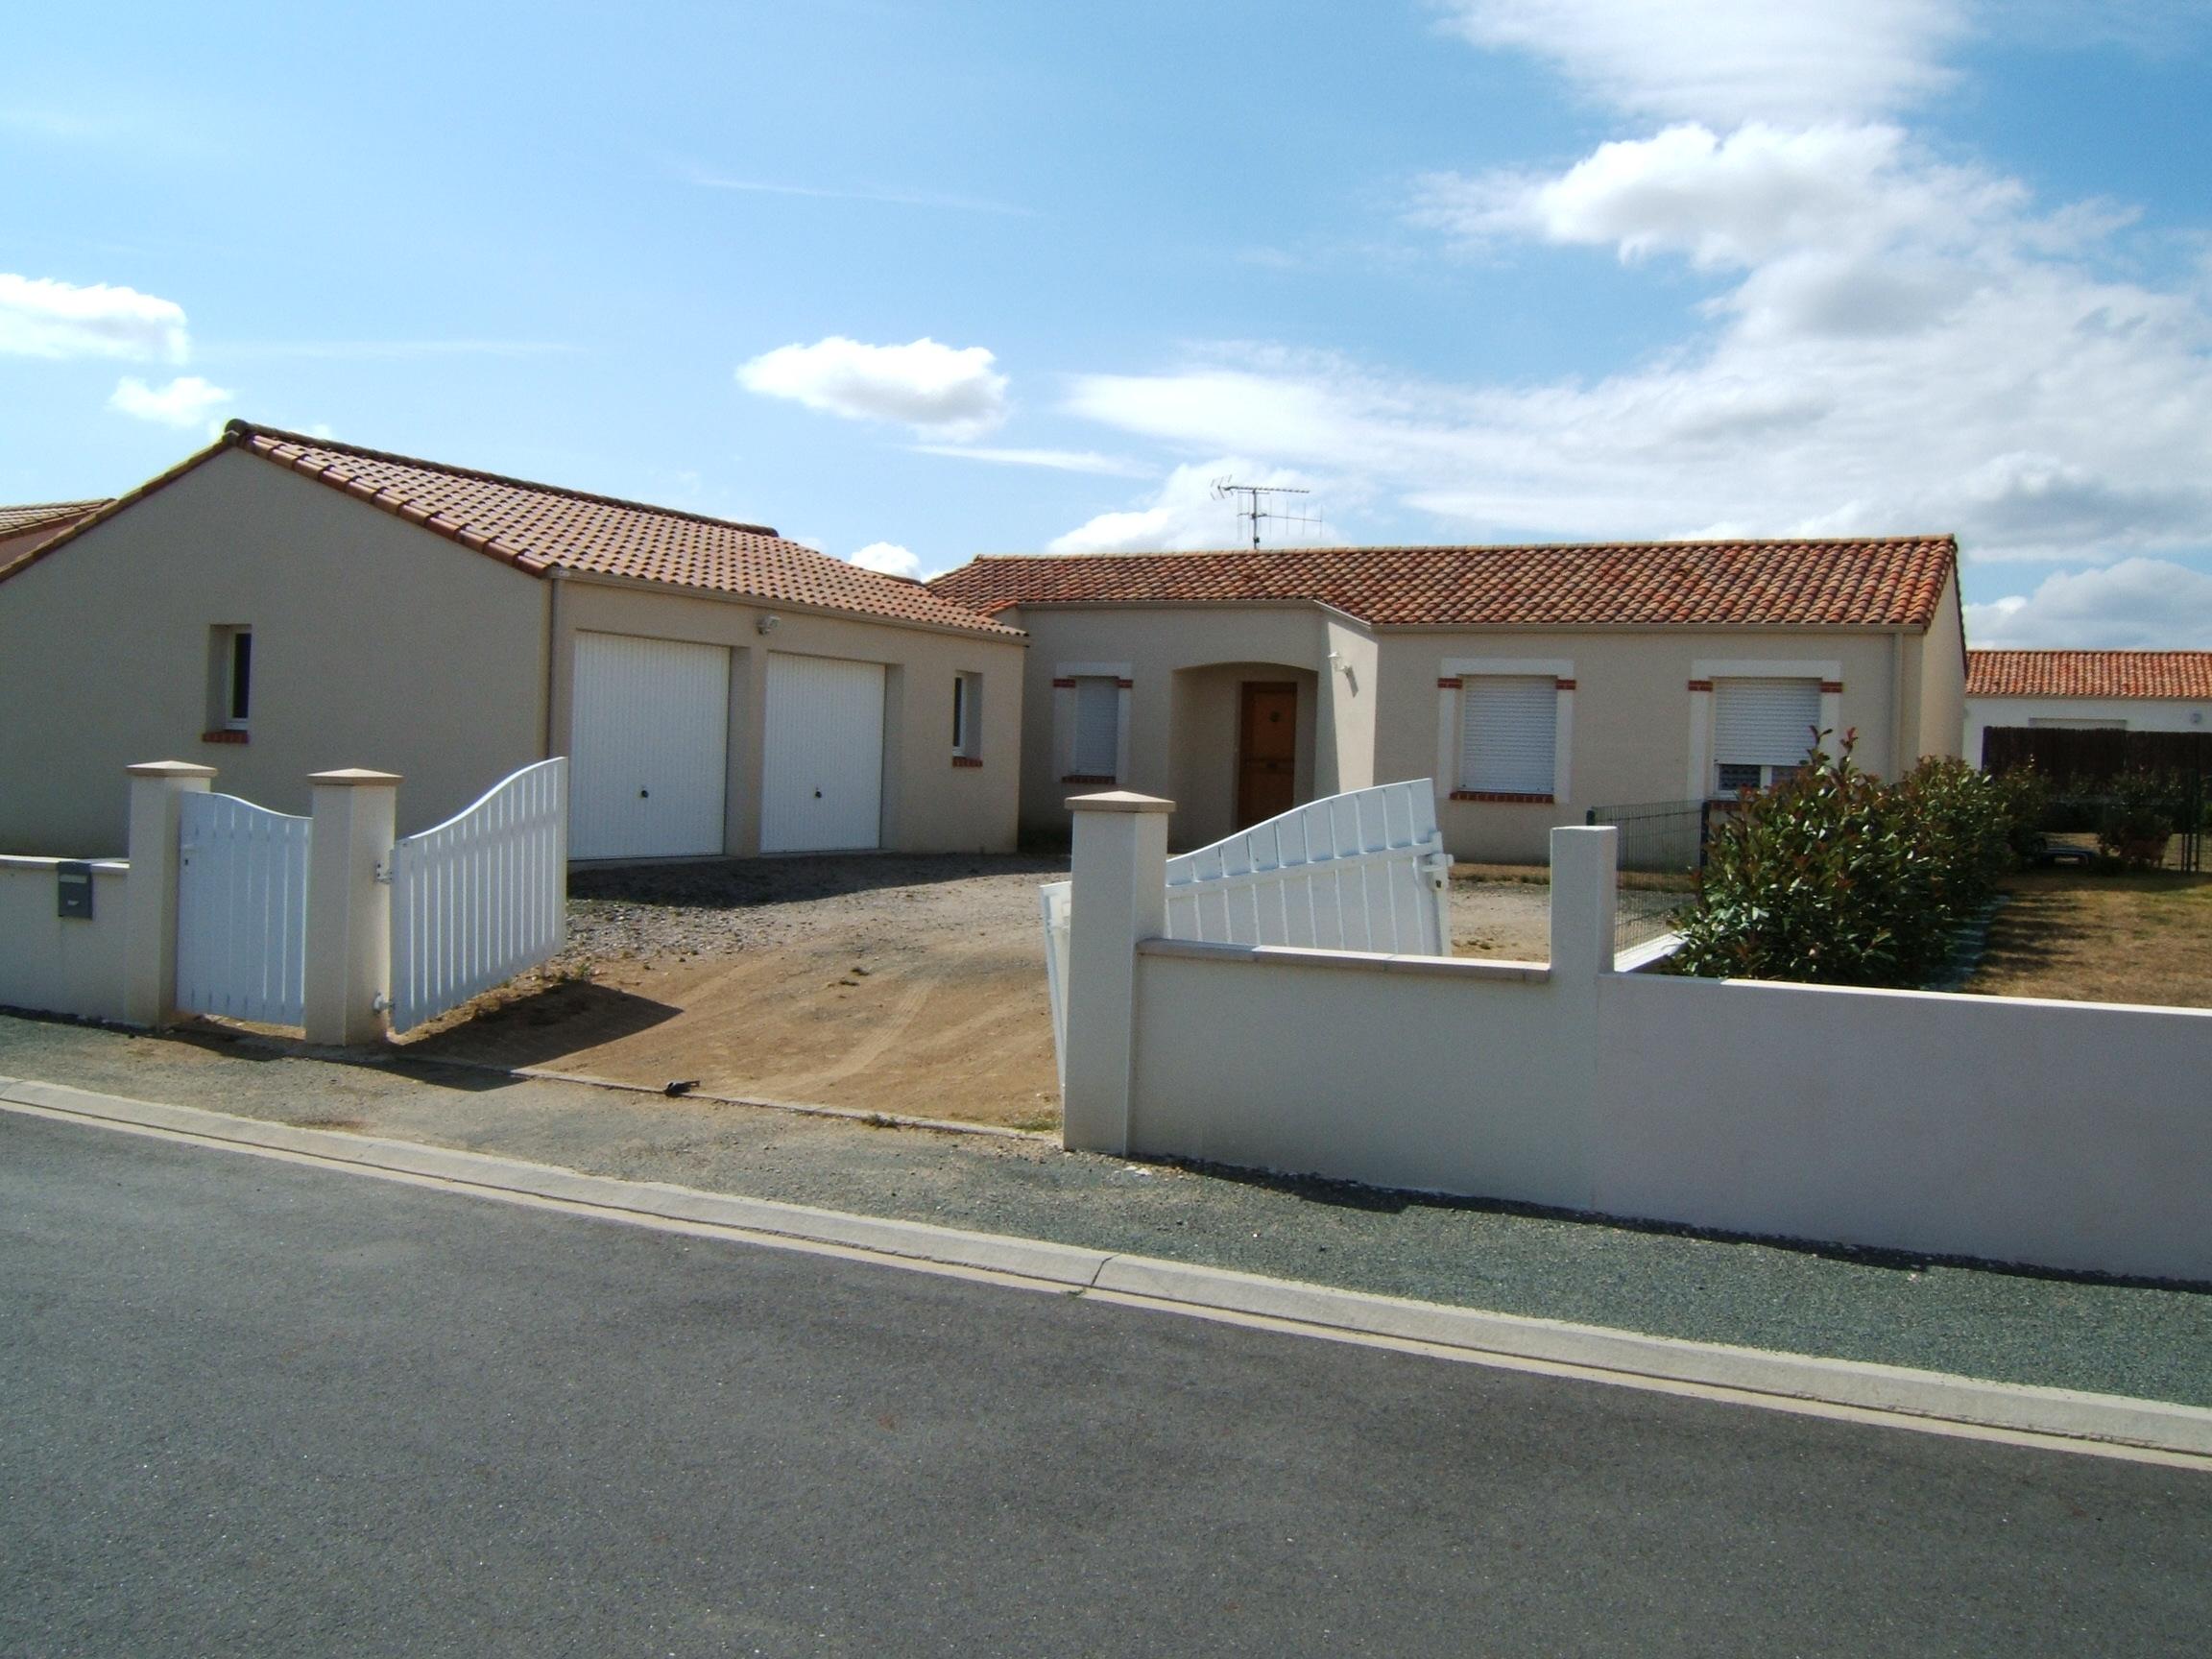 Maison Saint-Georges-de-Montaigu - 121.73 M2